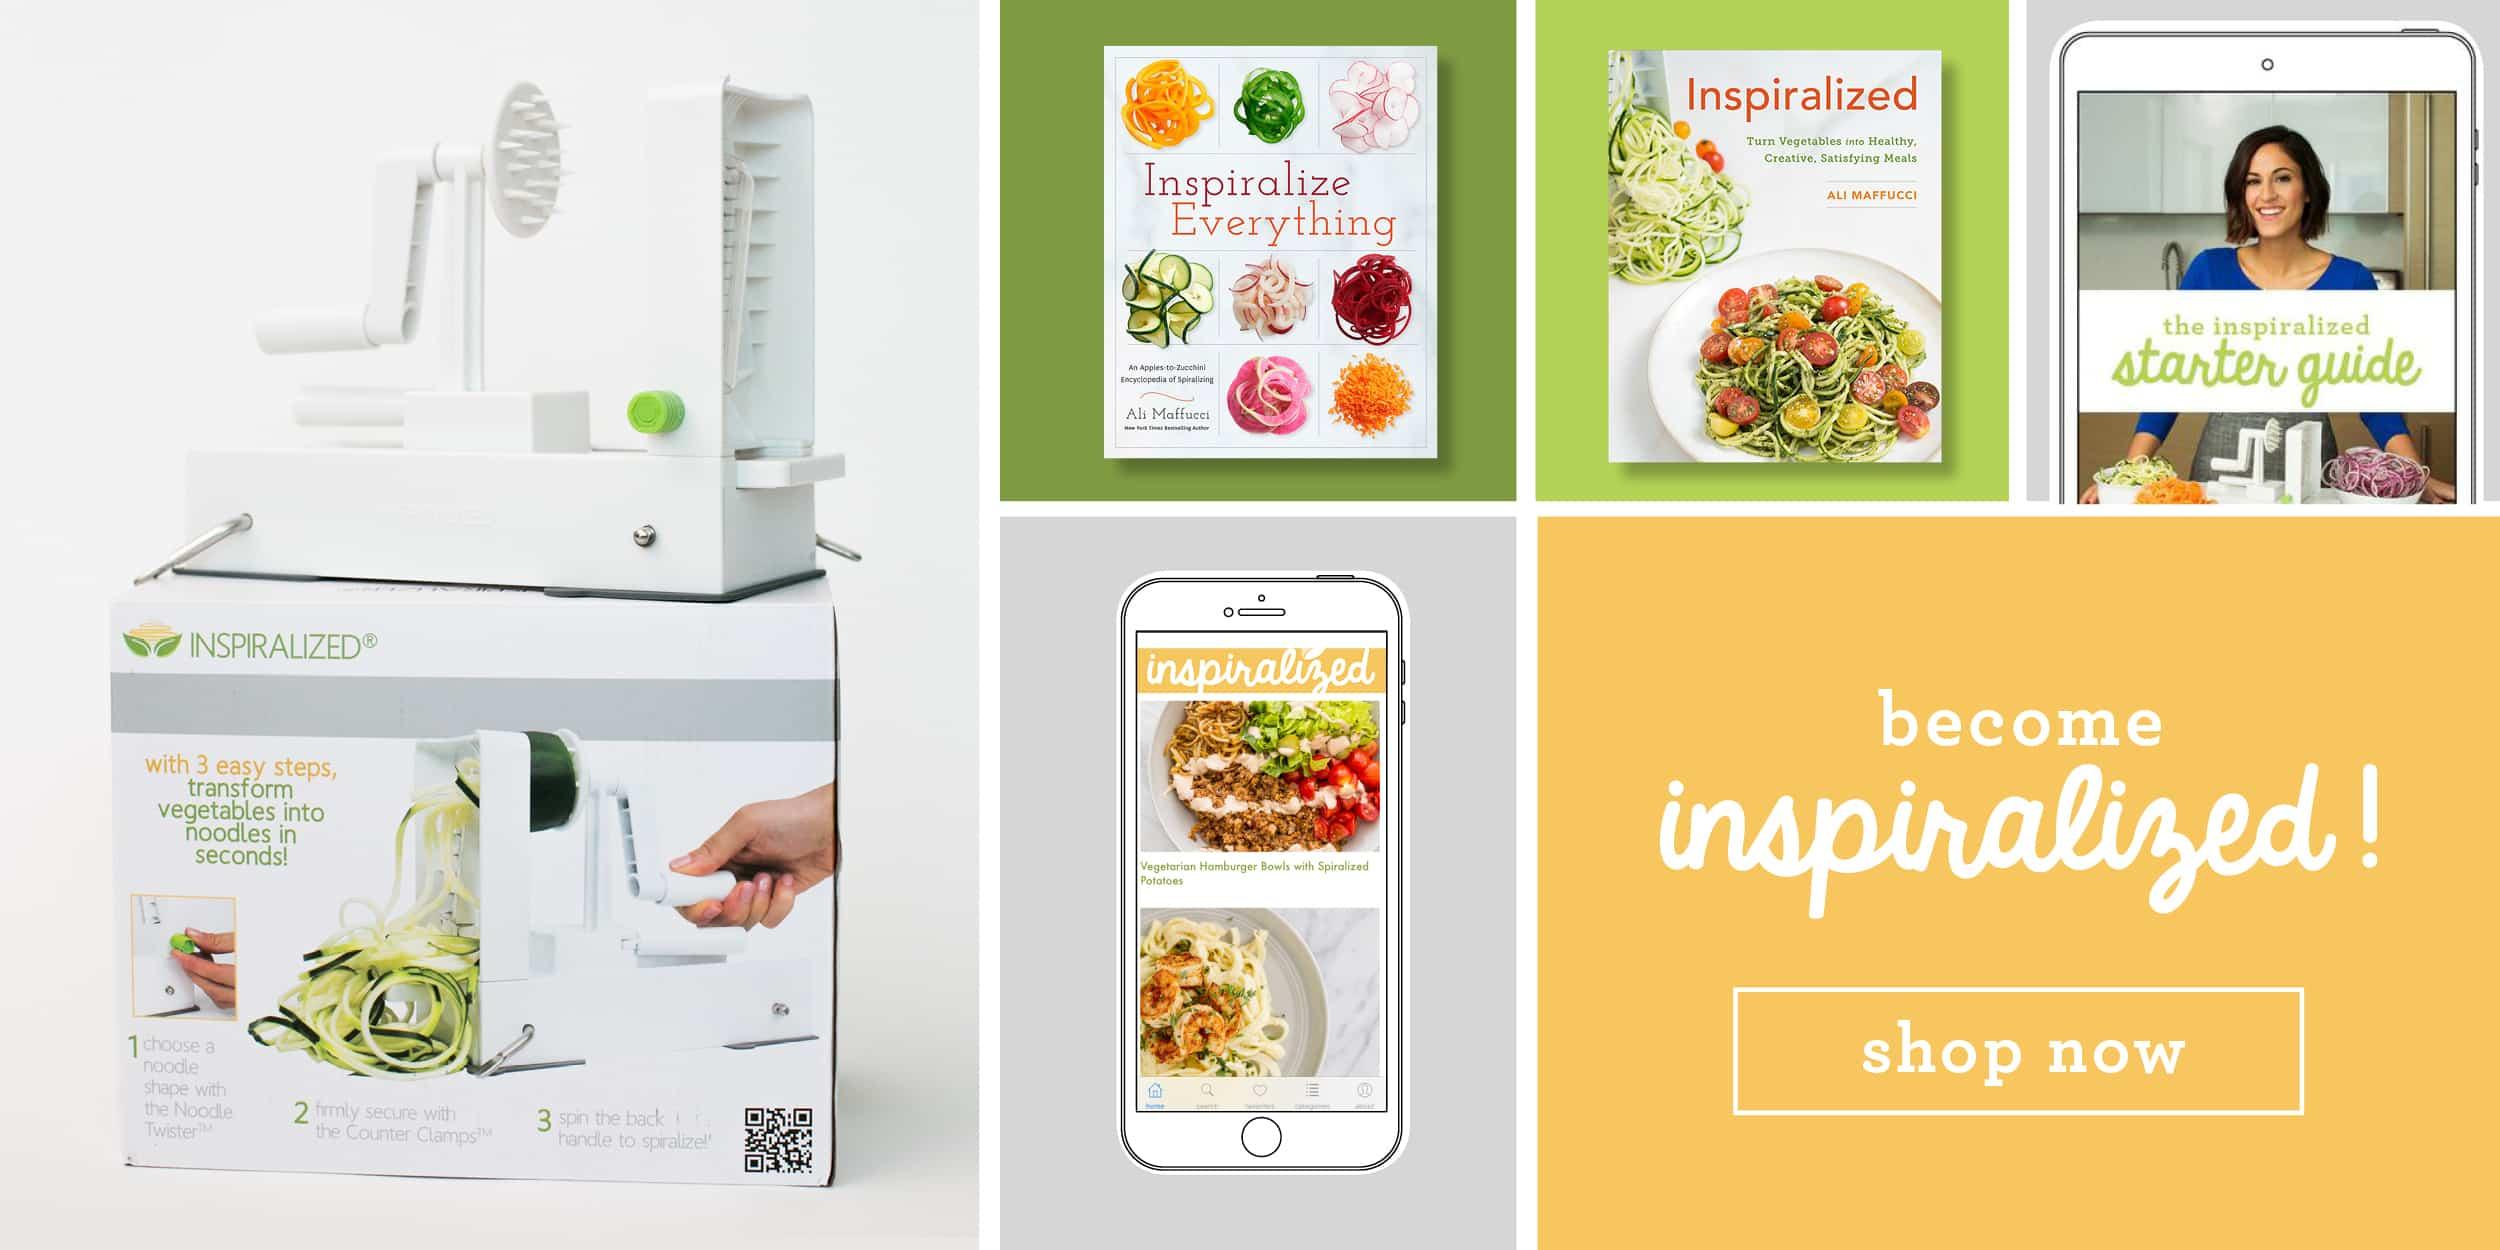 Inspiralized_Web-Ads_035811